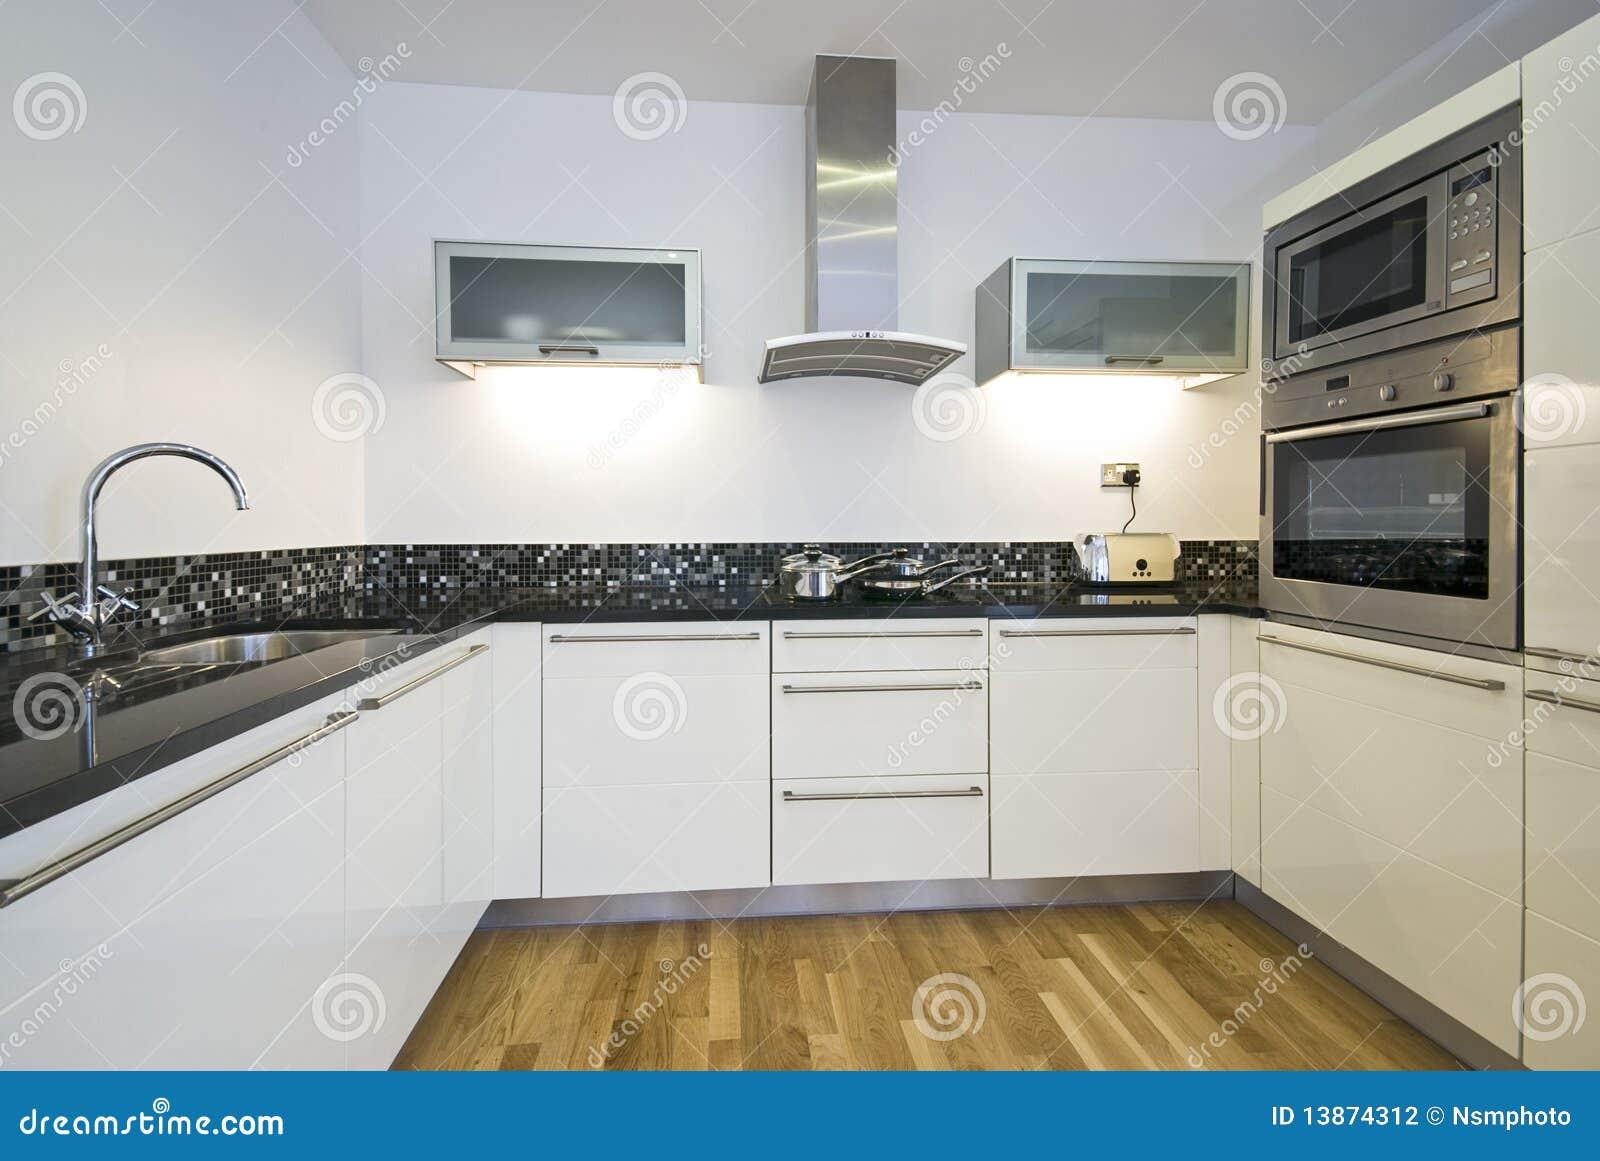 Eigentijdse keuken met moderne toestellen stock foto afbeelding 13874312 - Foto eigentijdse keuken ...